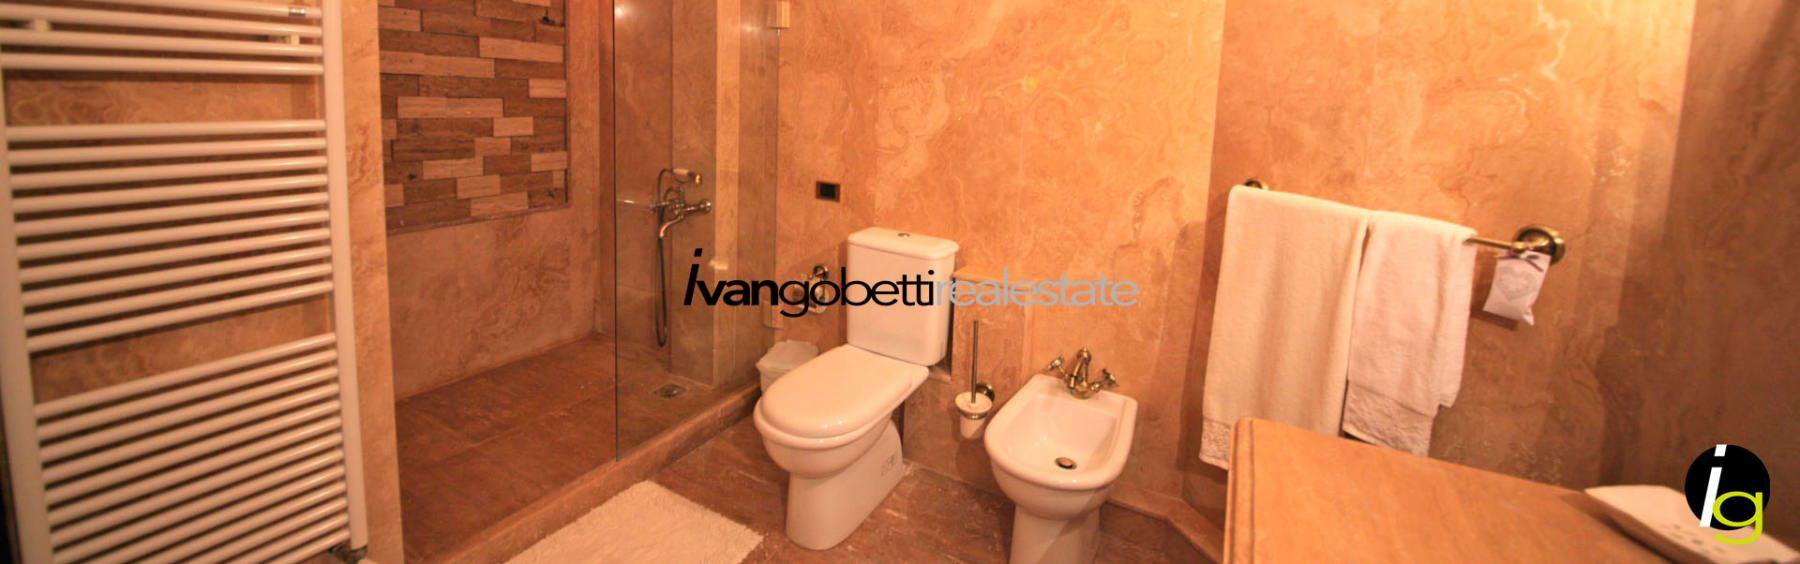 Villa d'epoca in vendita a Stresa Lago Maggiore